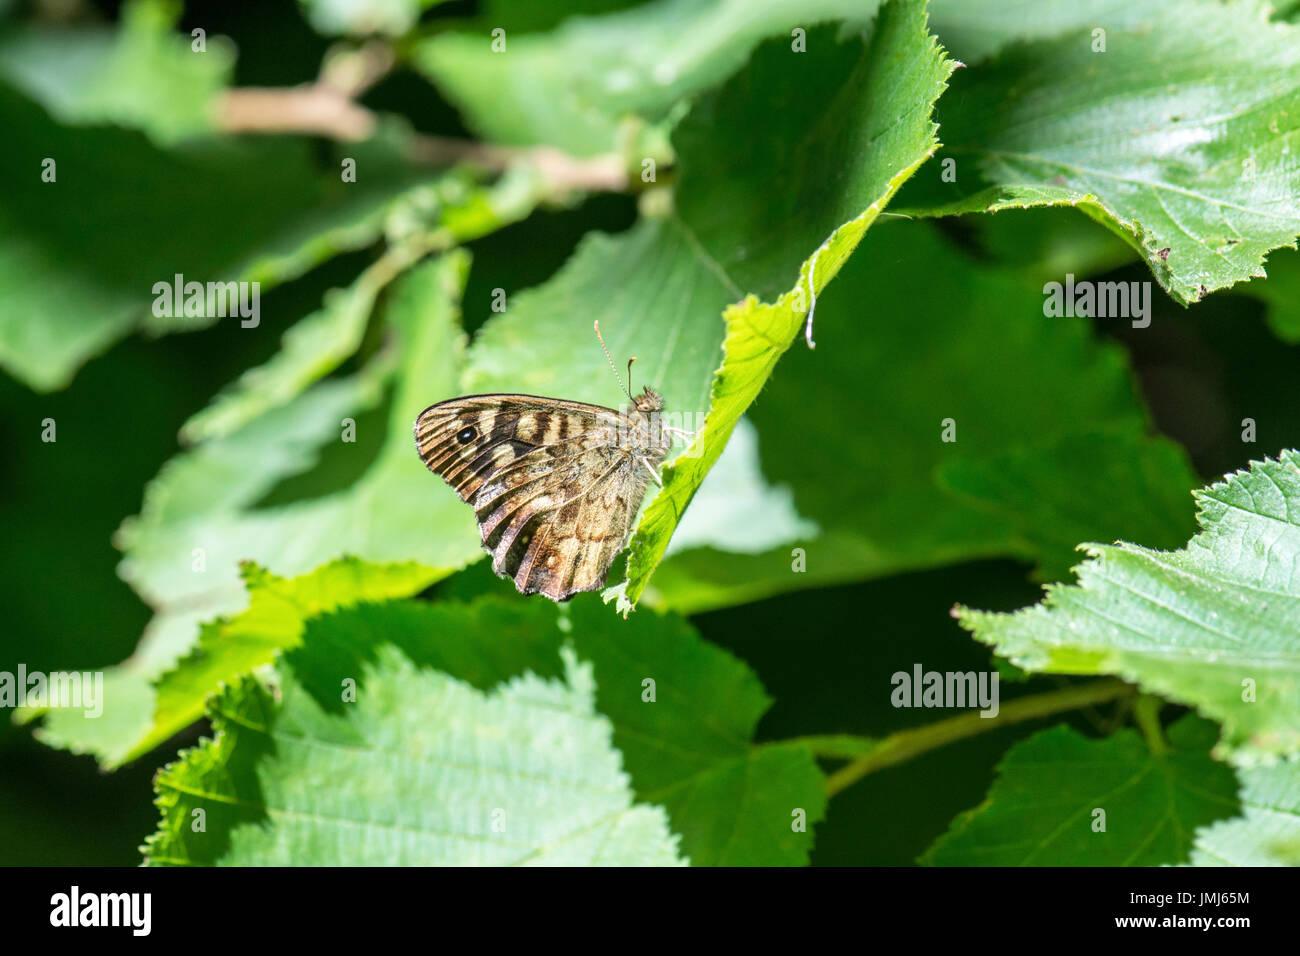 Chiazzato di legno (Pararge aegeria) farfalla. La parte inferiore di imago. Immagini Stock